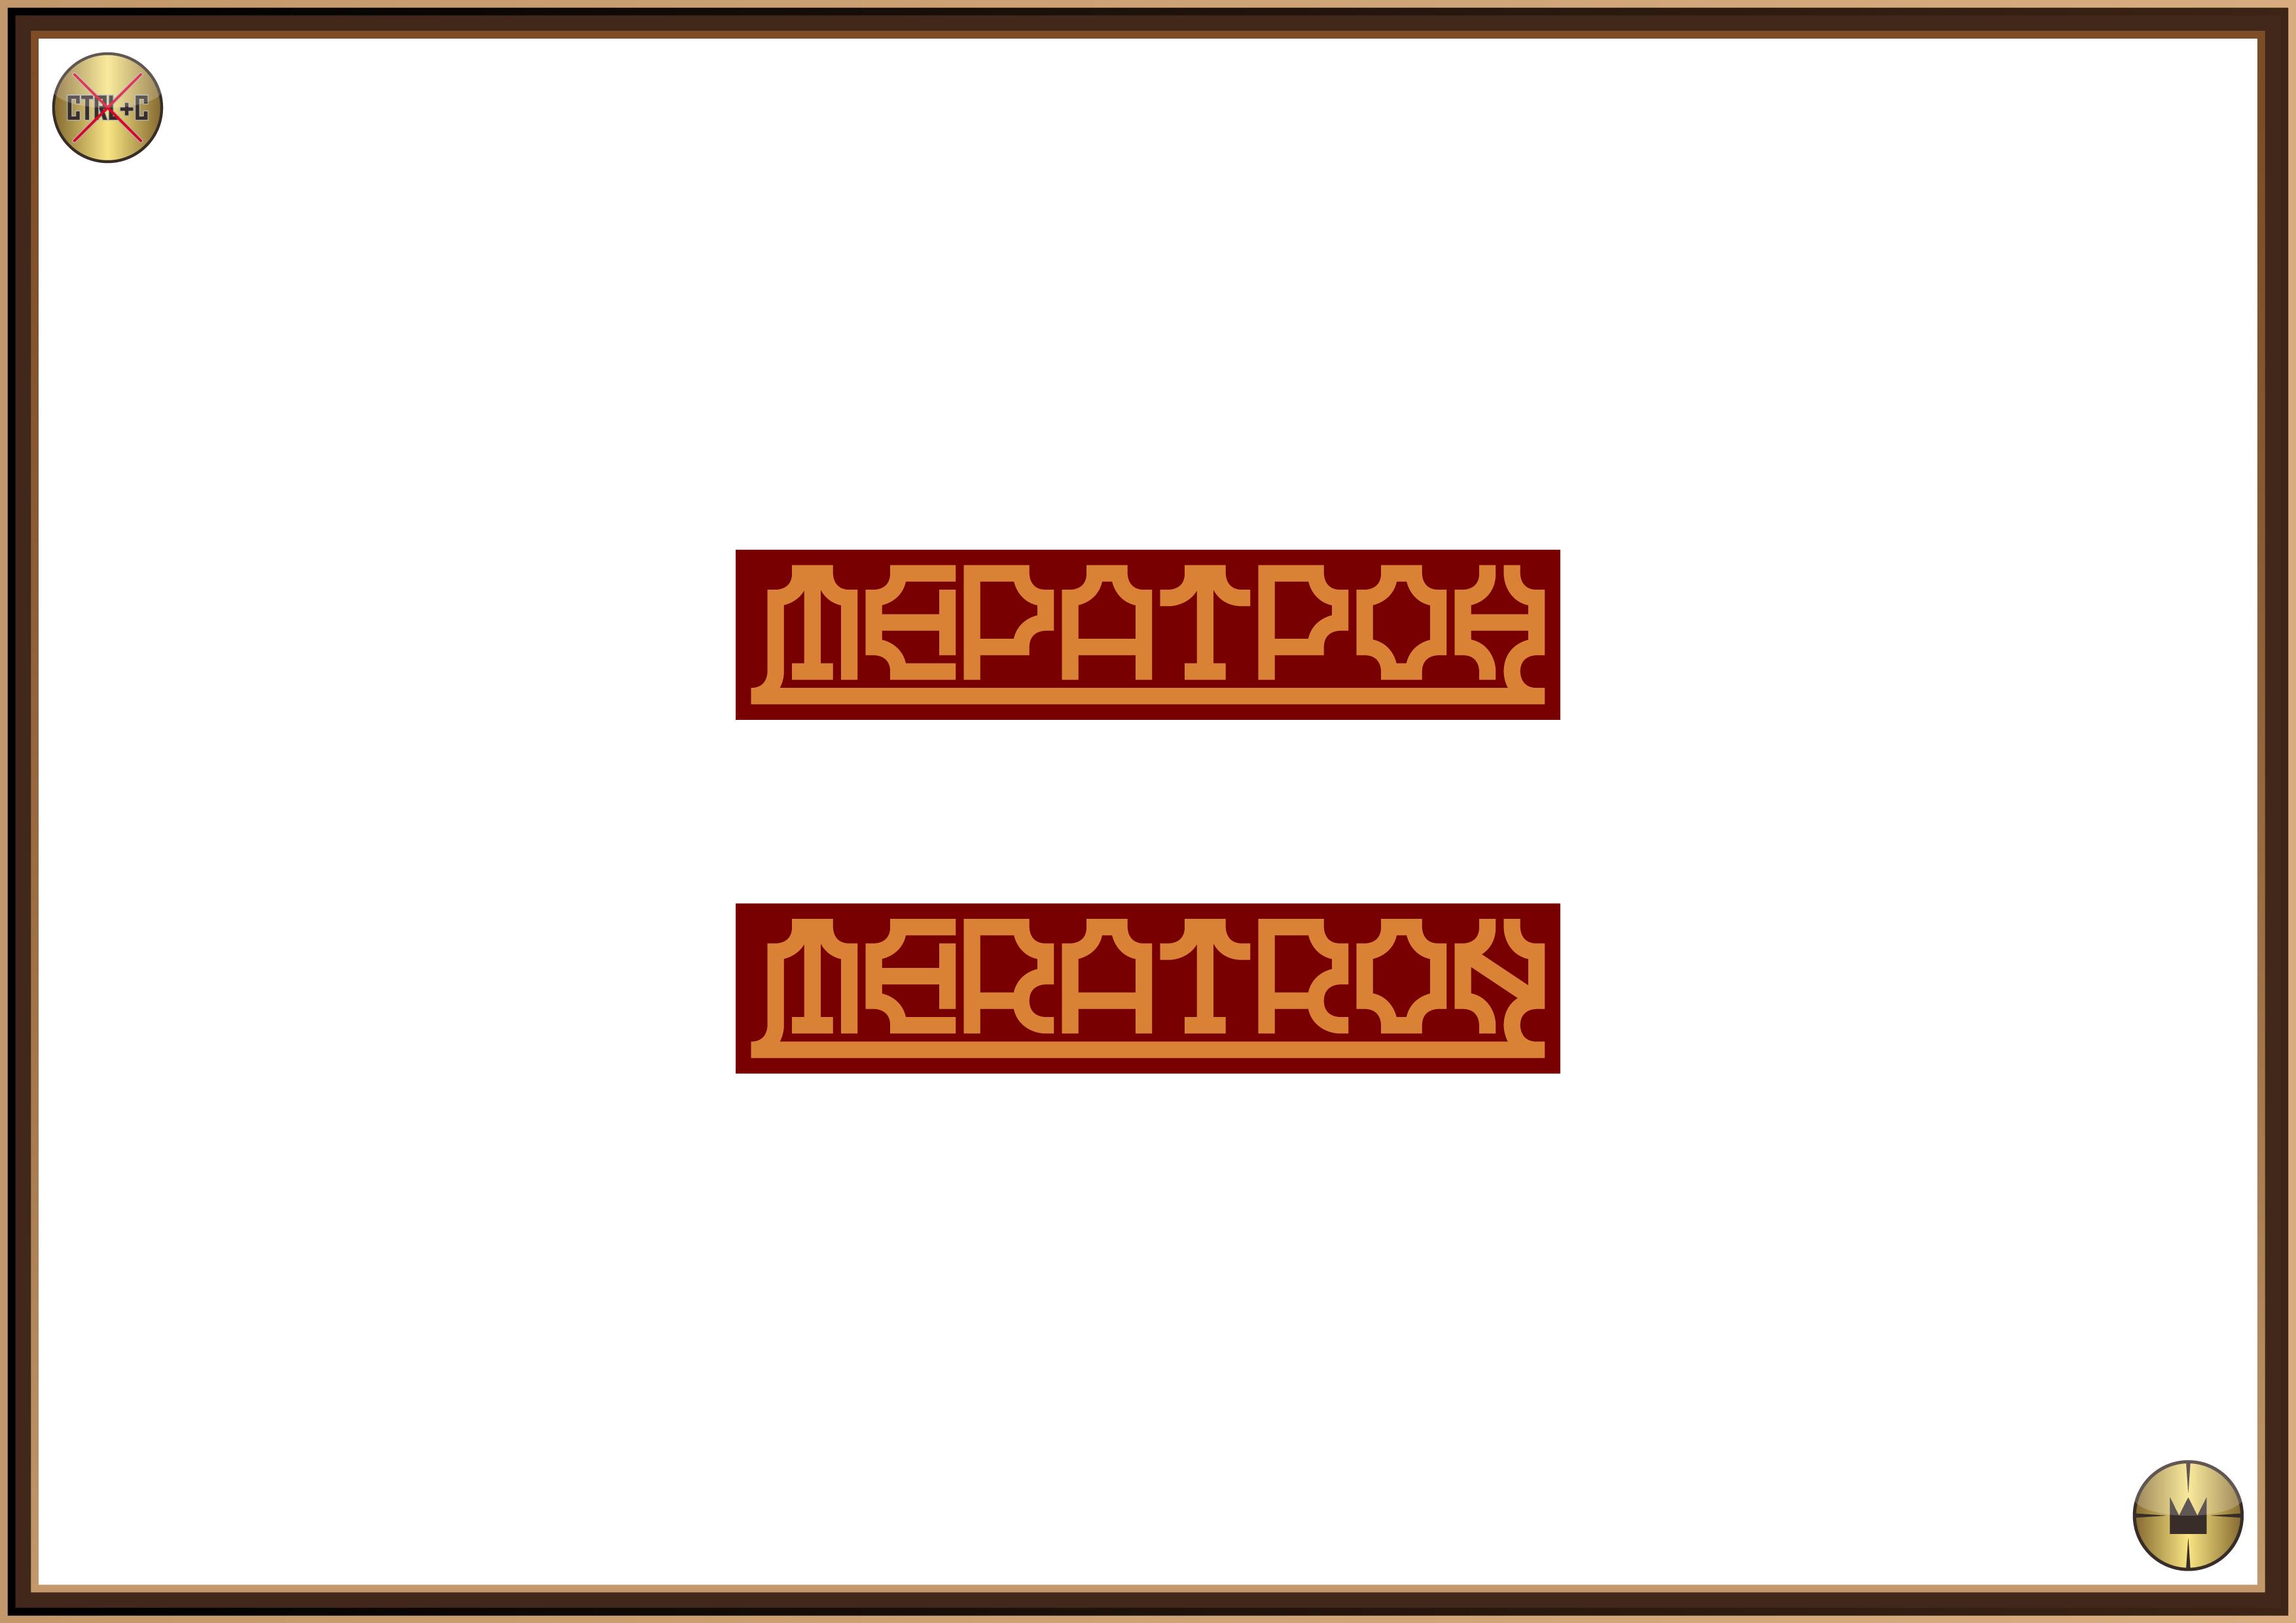 Разработать логотип организации фото f_4f0ed3700e770.jpg